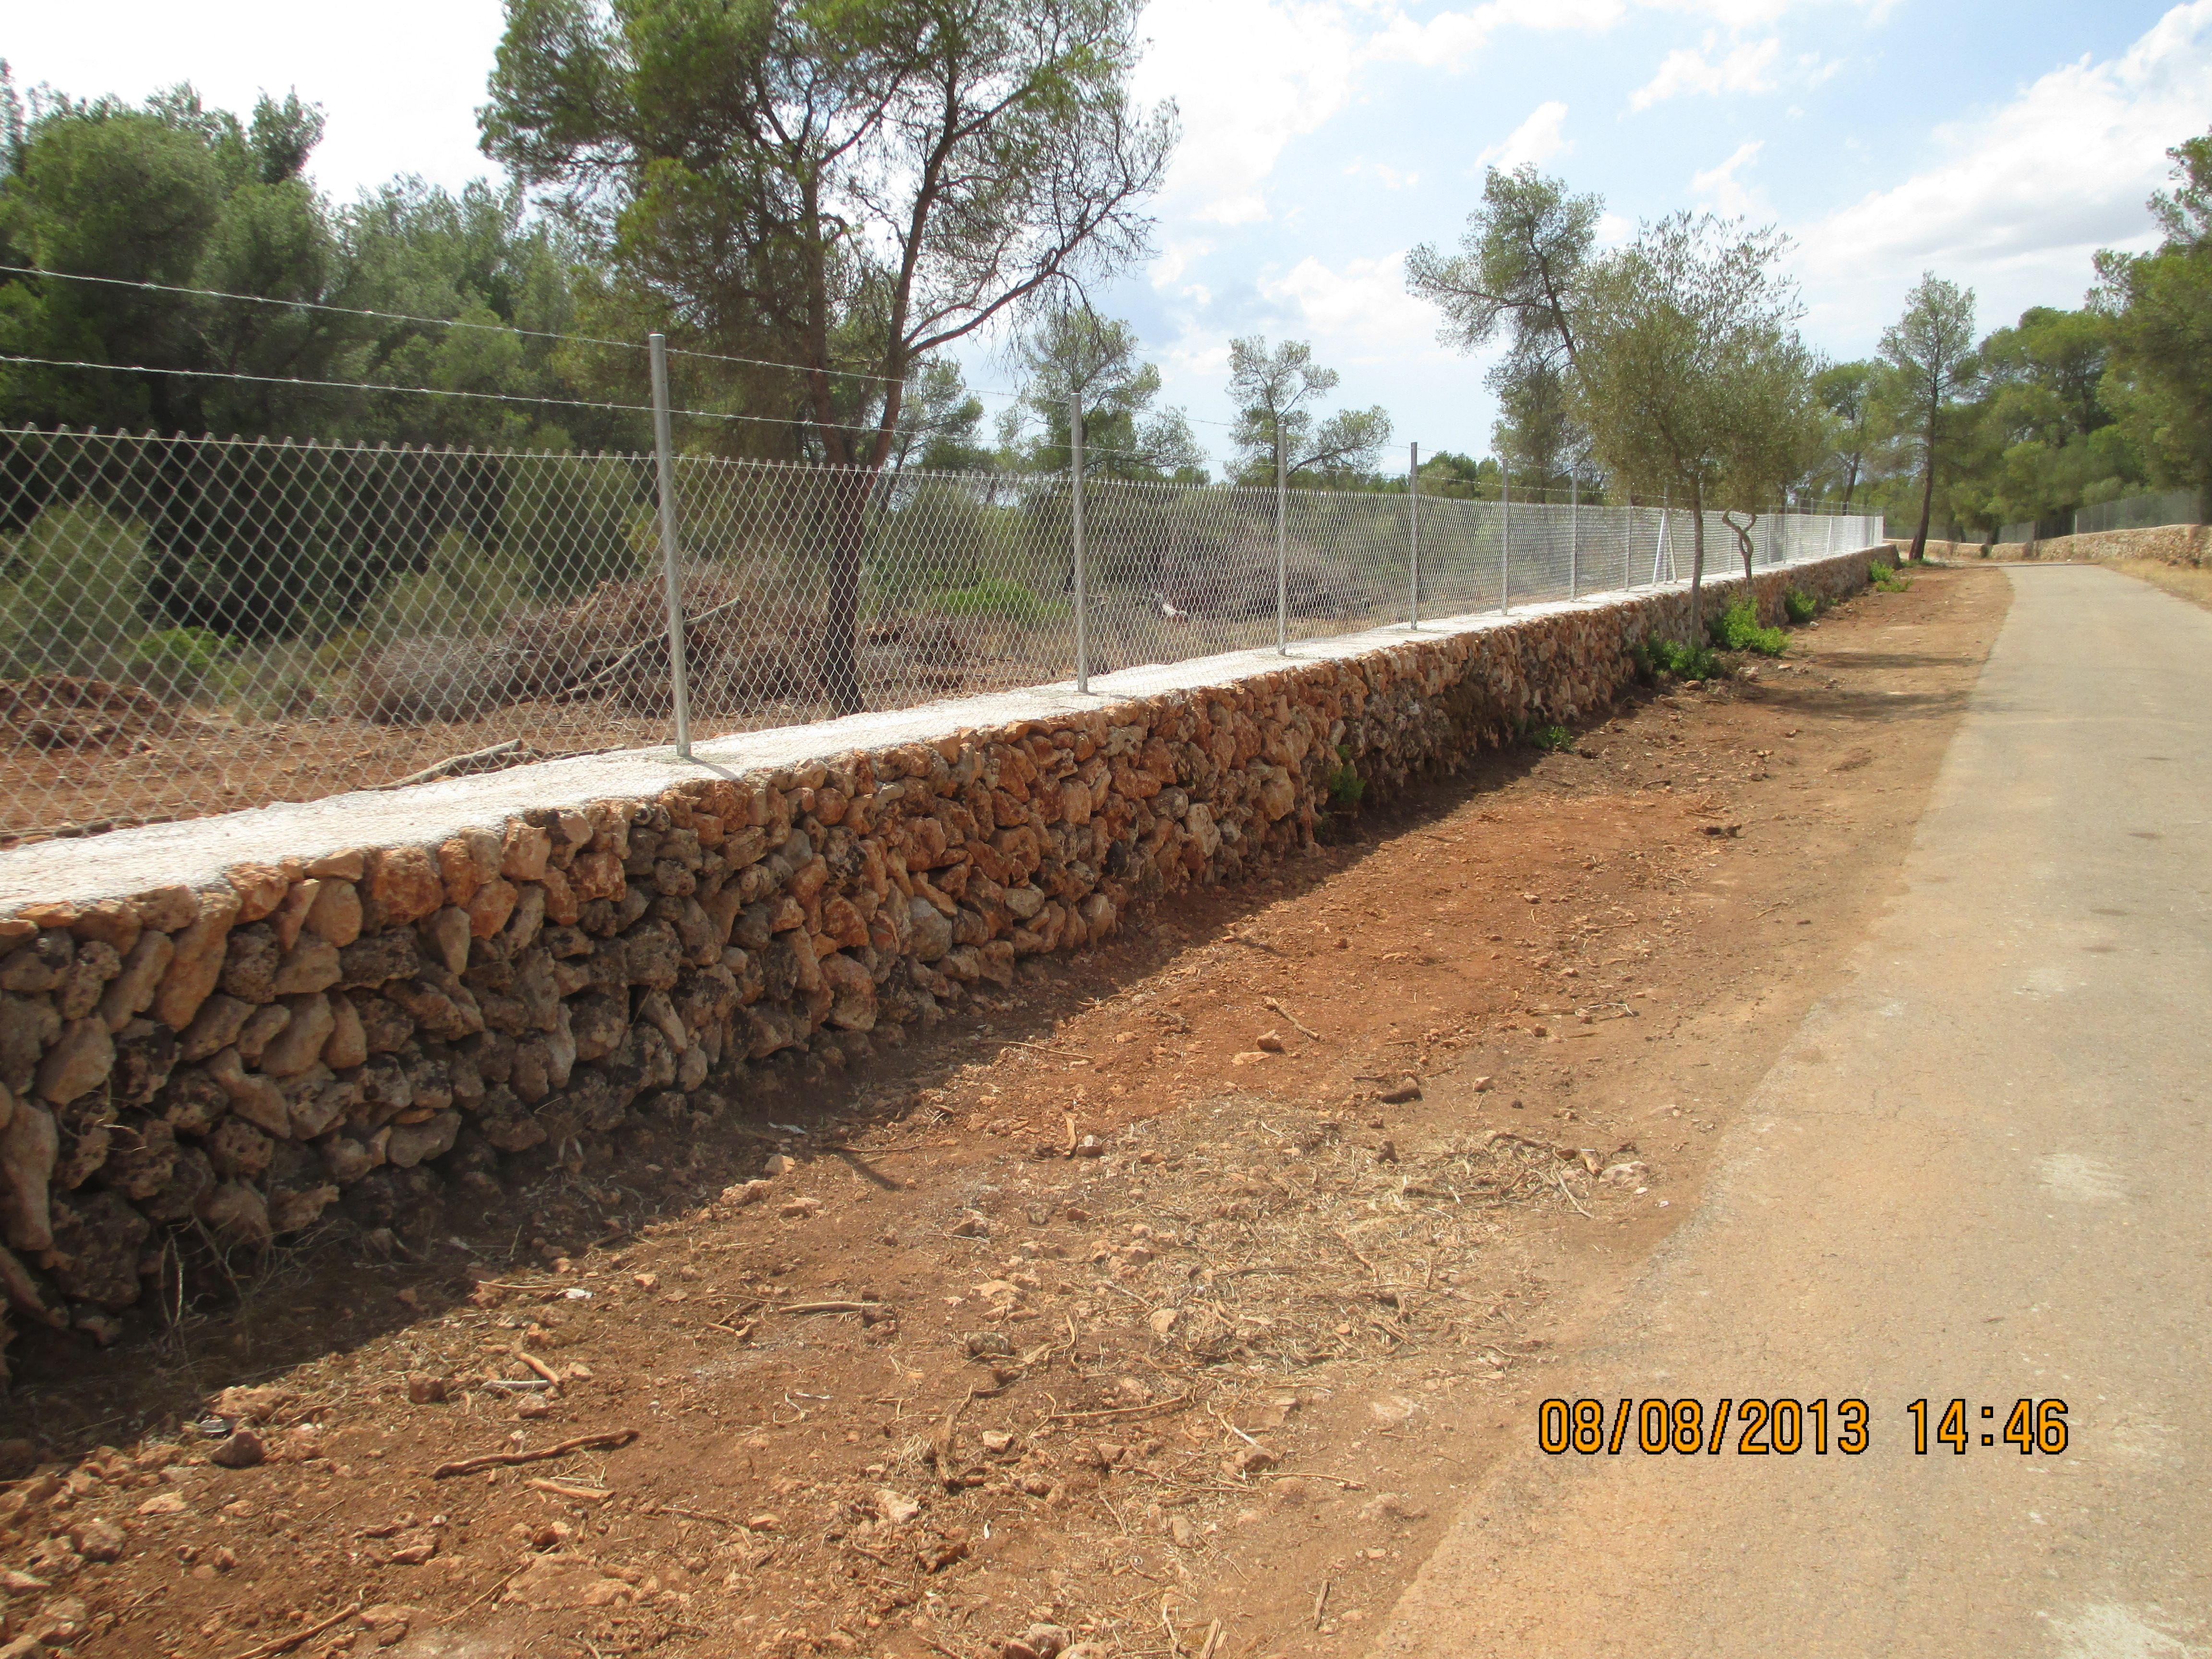 Cerramiento de finca r stica con pared de piedra en seco - Cerramientos de piedra ...